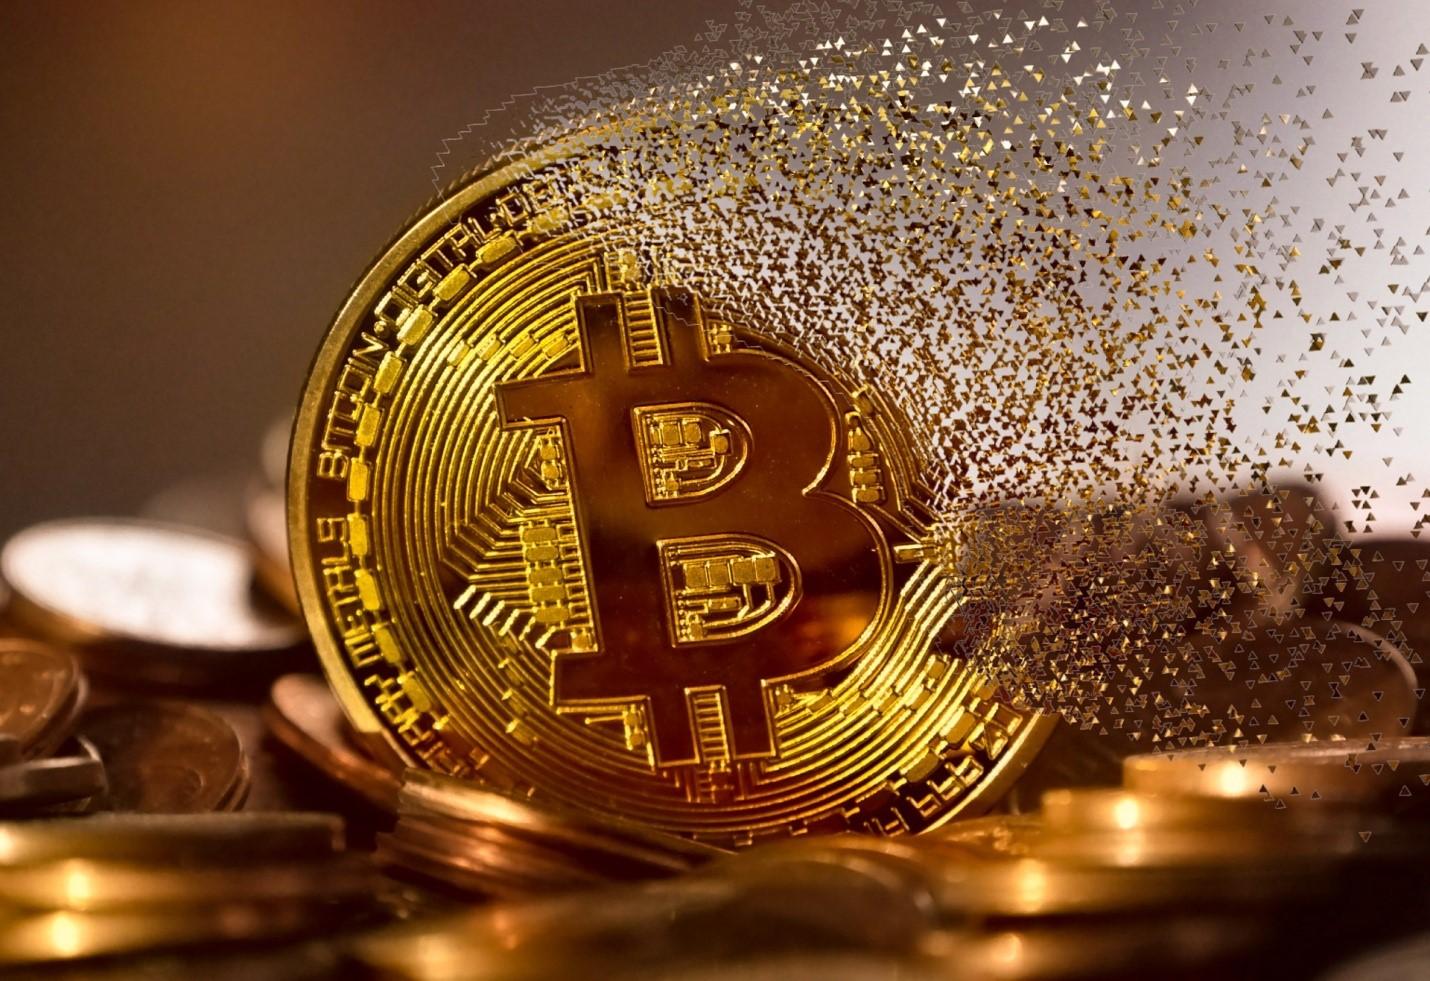 Gold Bitcoin Cash vs Bitcoin Satoshi Vision 2019